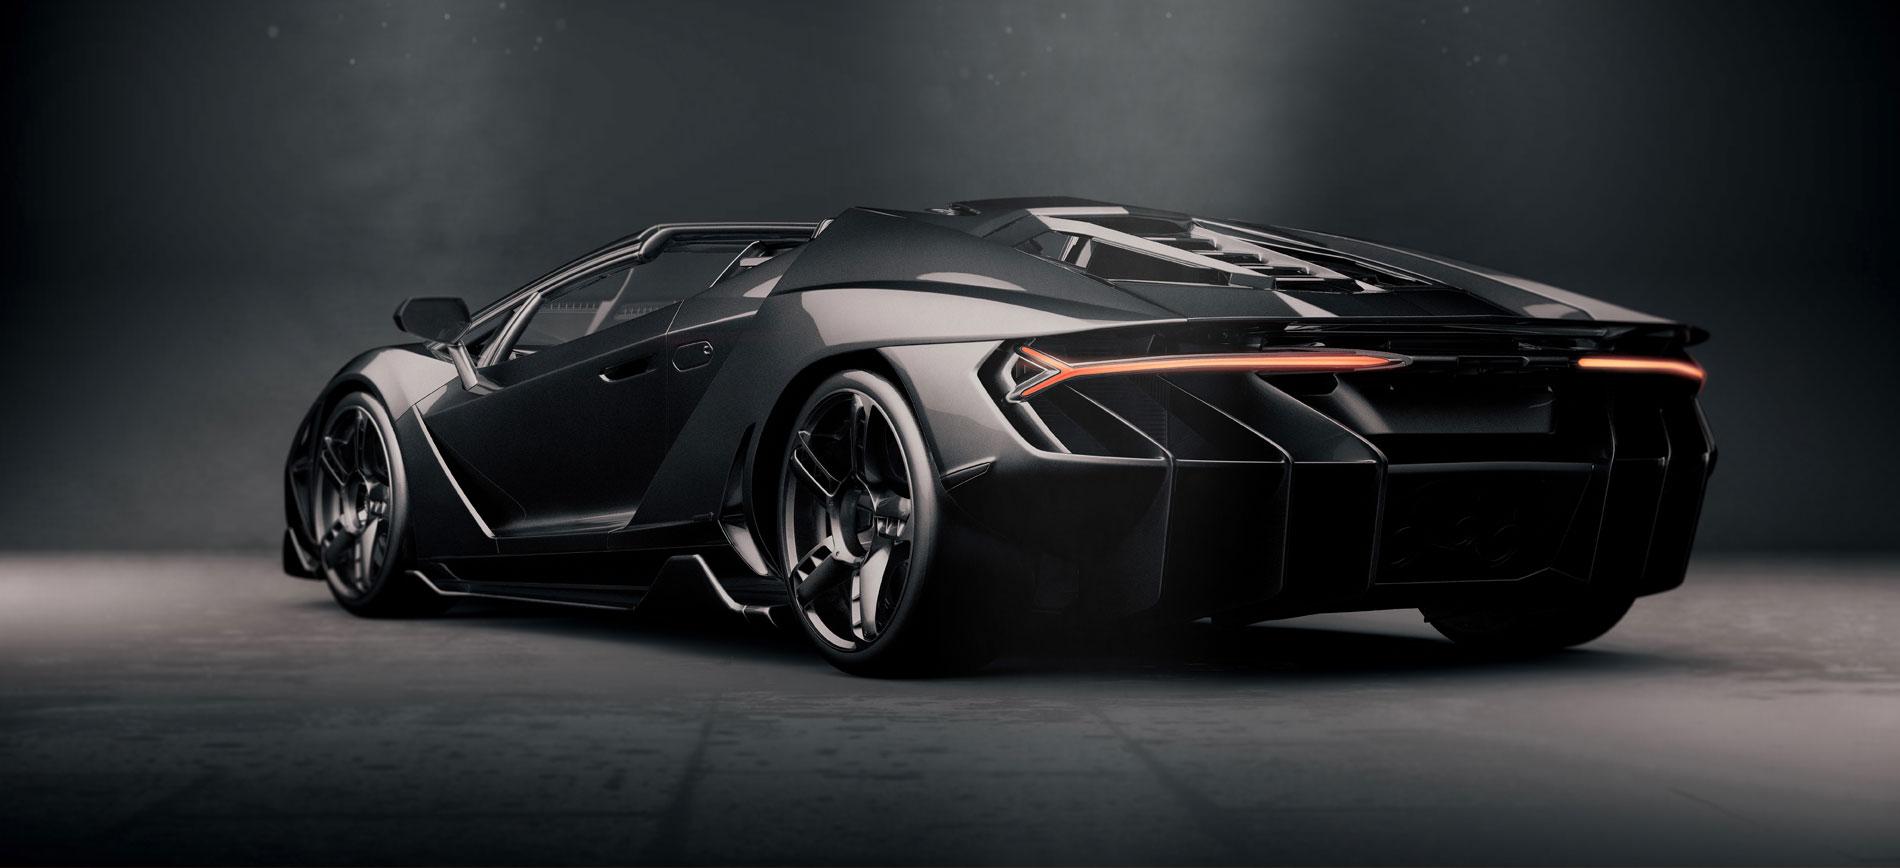 img_black_car